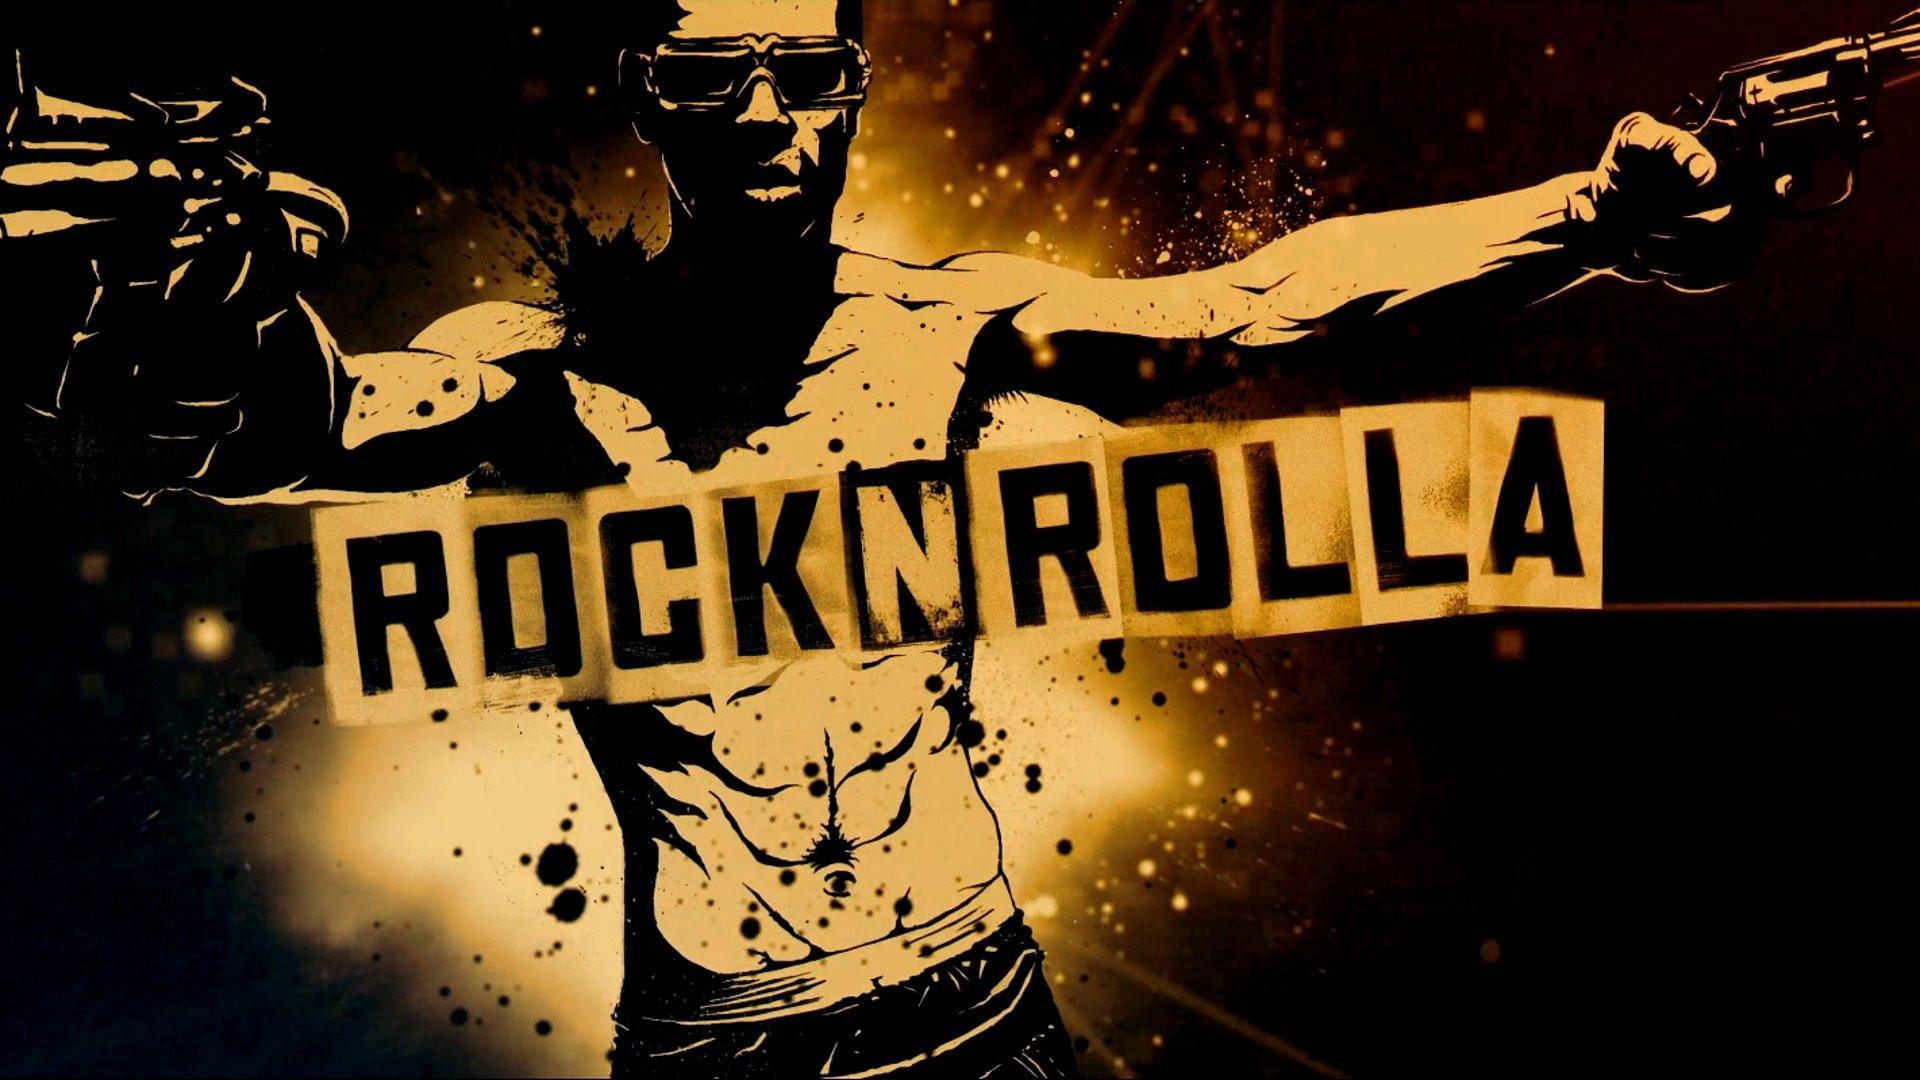 6 Rocknrolla HD Wallpa...